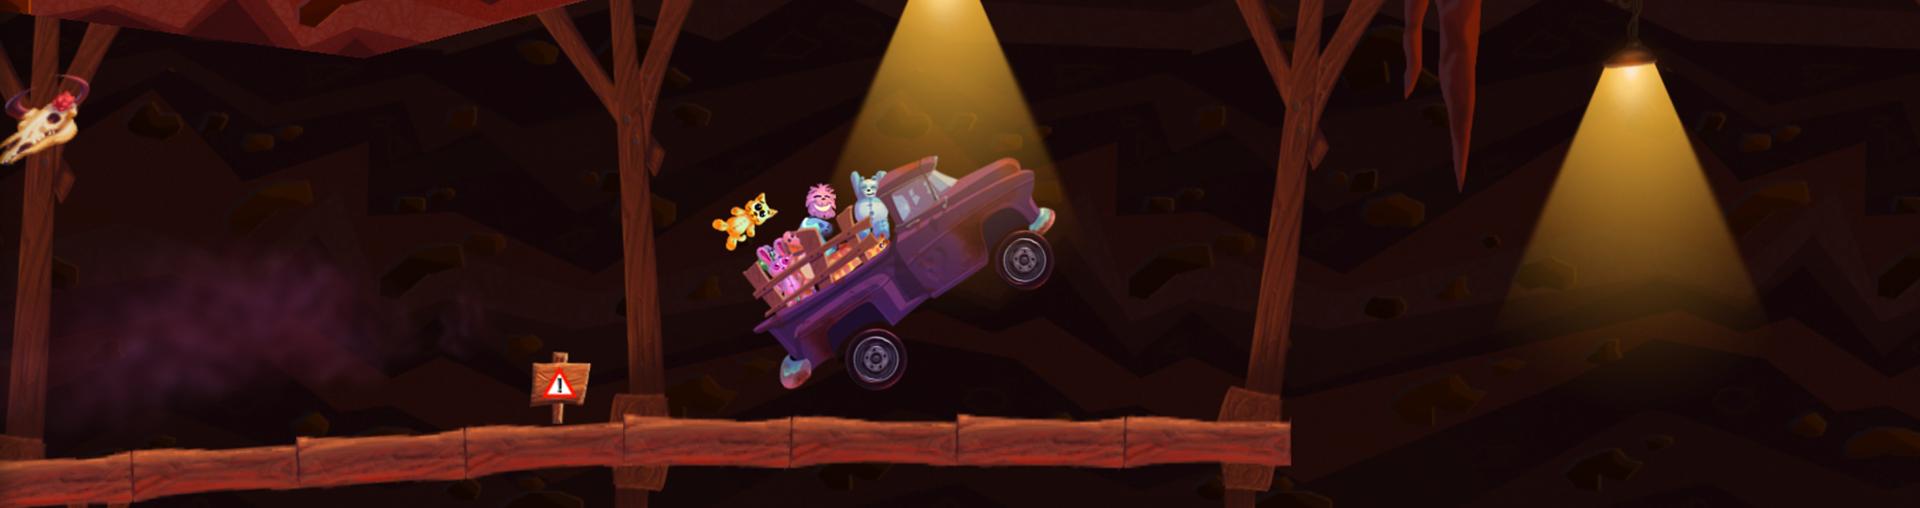 Unha camioneta avanza por un camiño de madeira co fuciño erguido e porta na parte traseira uns seres de peluche, un saíu despedido.